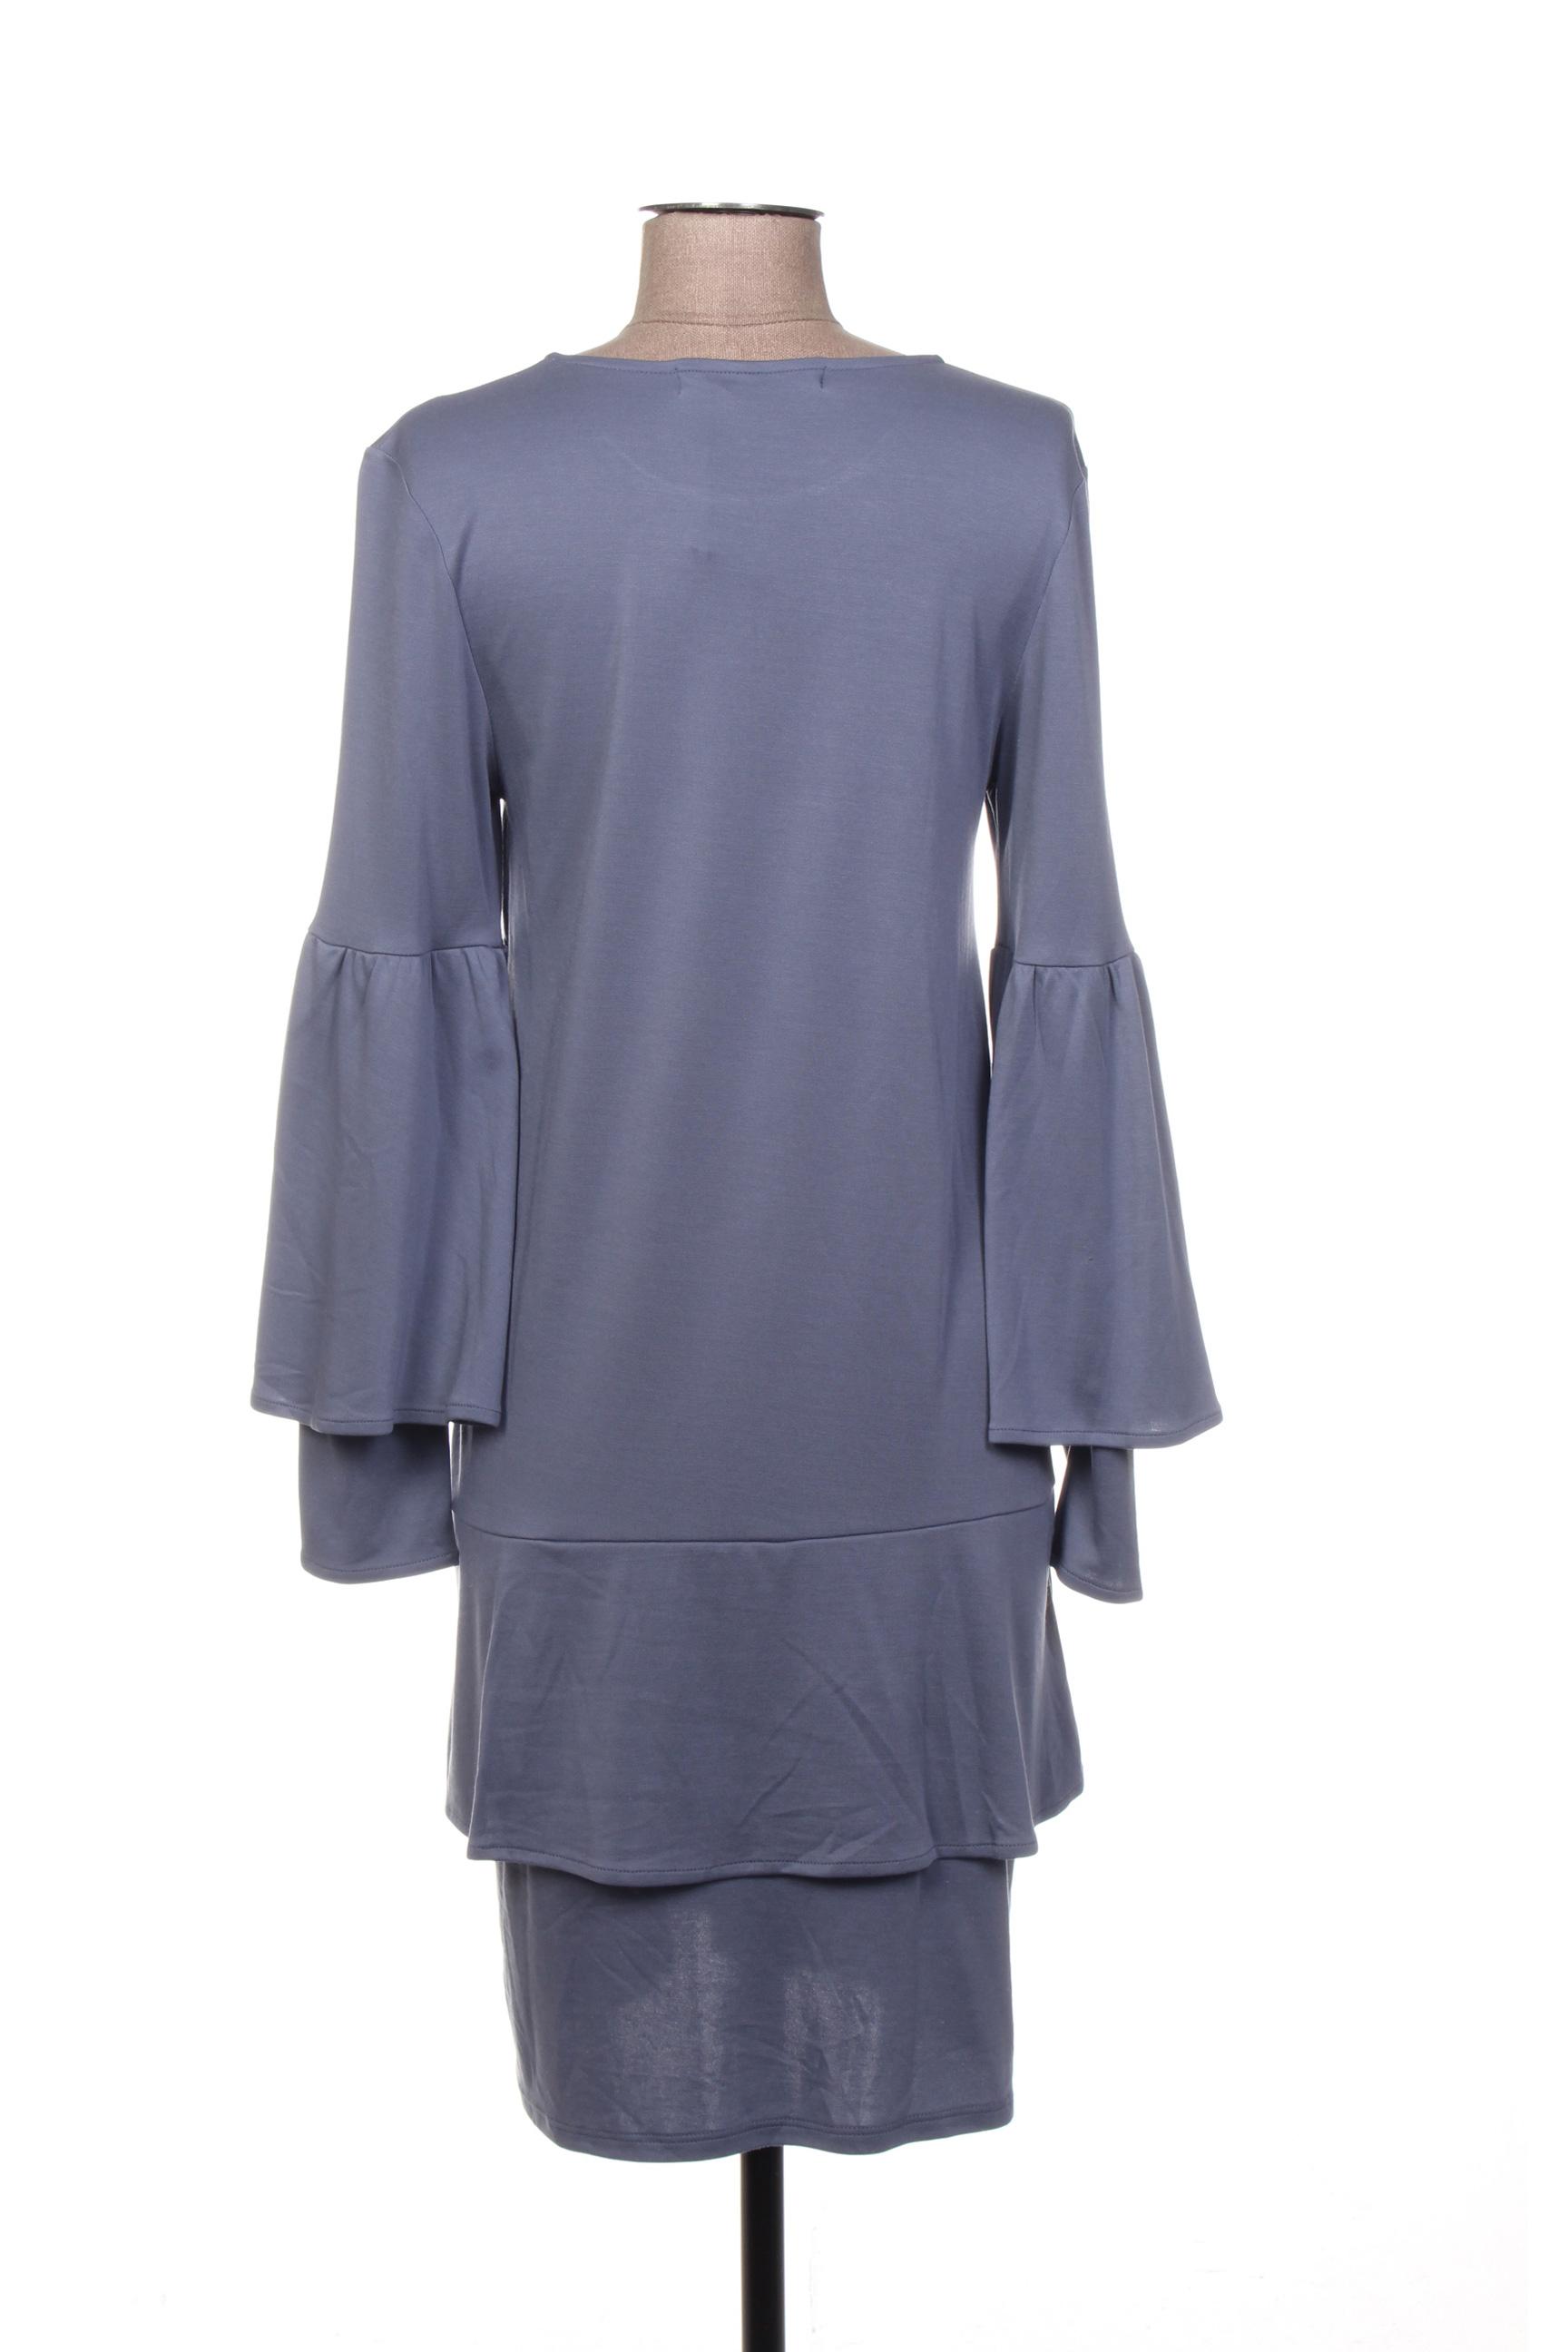 See The Moon Robes Mi Longues Femme De Couleur Bleu En Soldes Pas Cher 1405305-bleu00